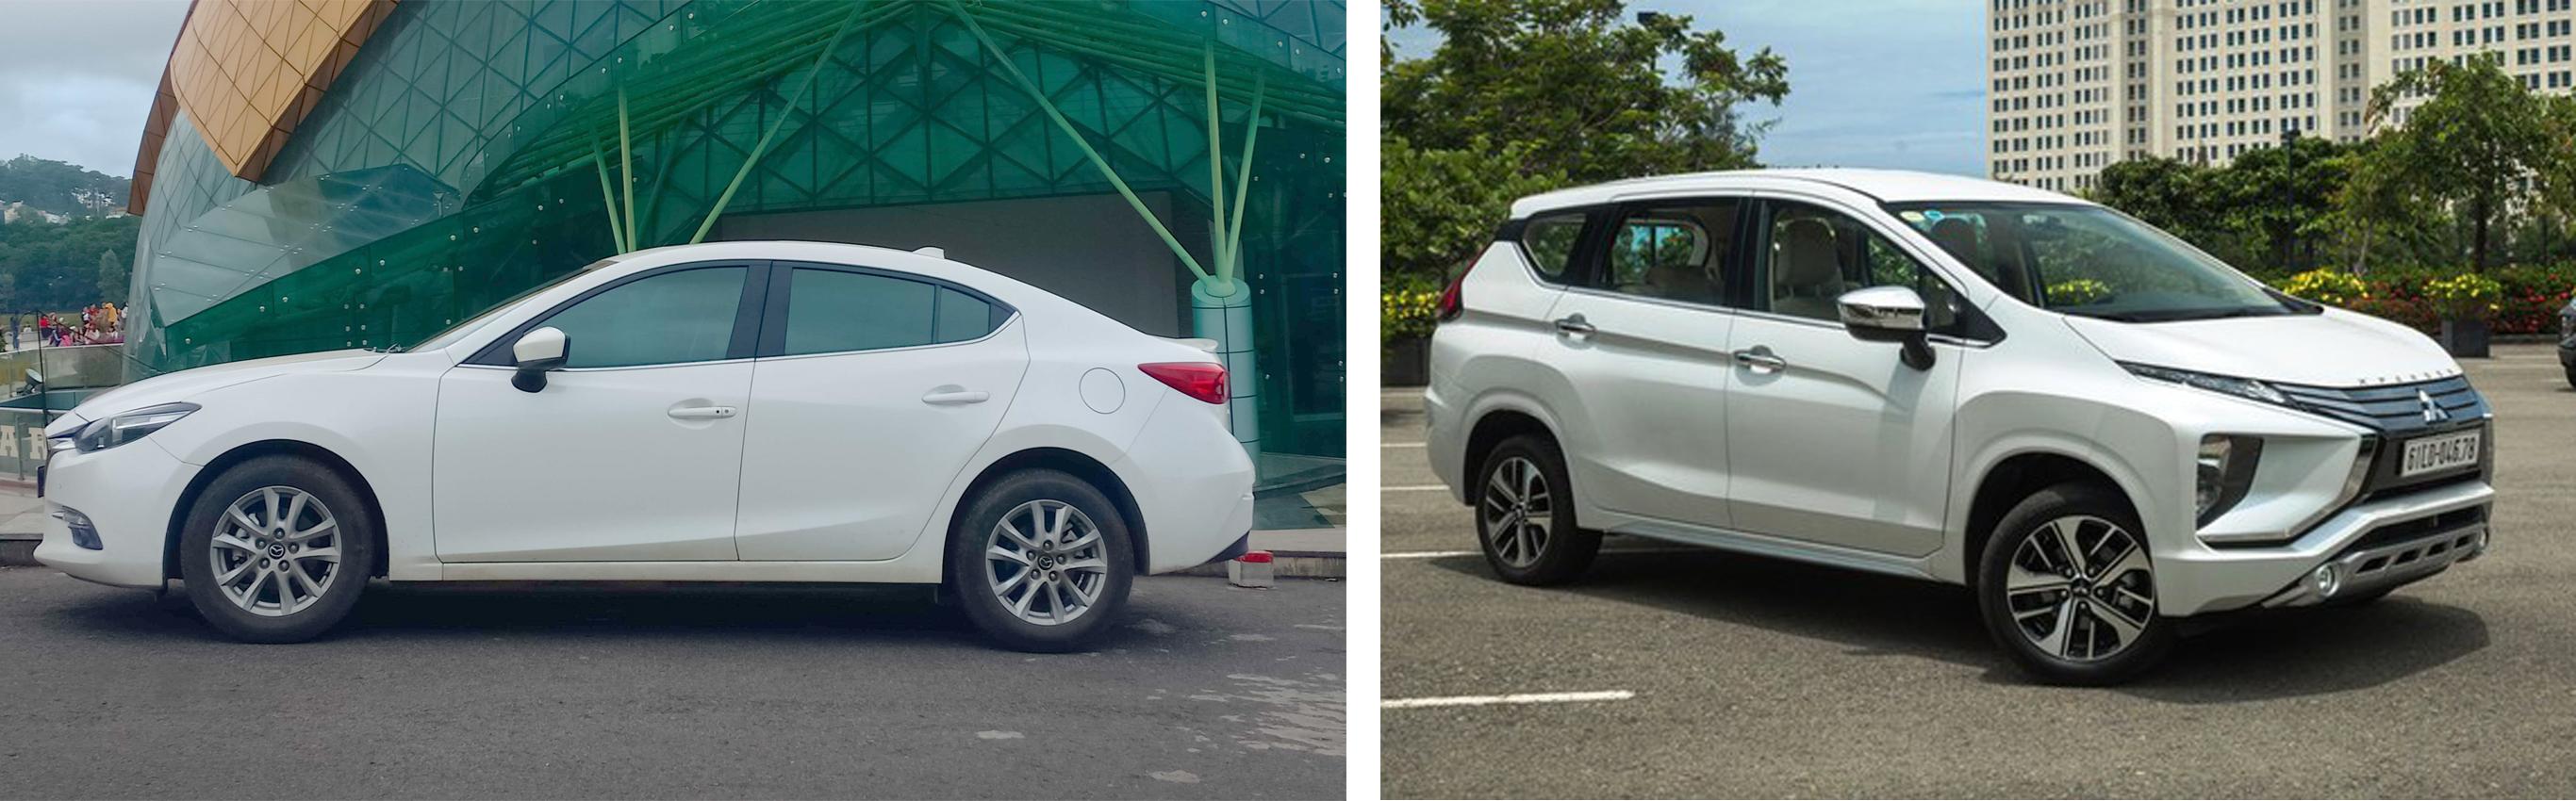 thuê xe và tài xế